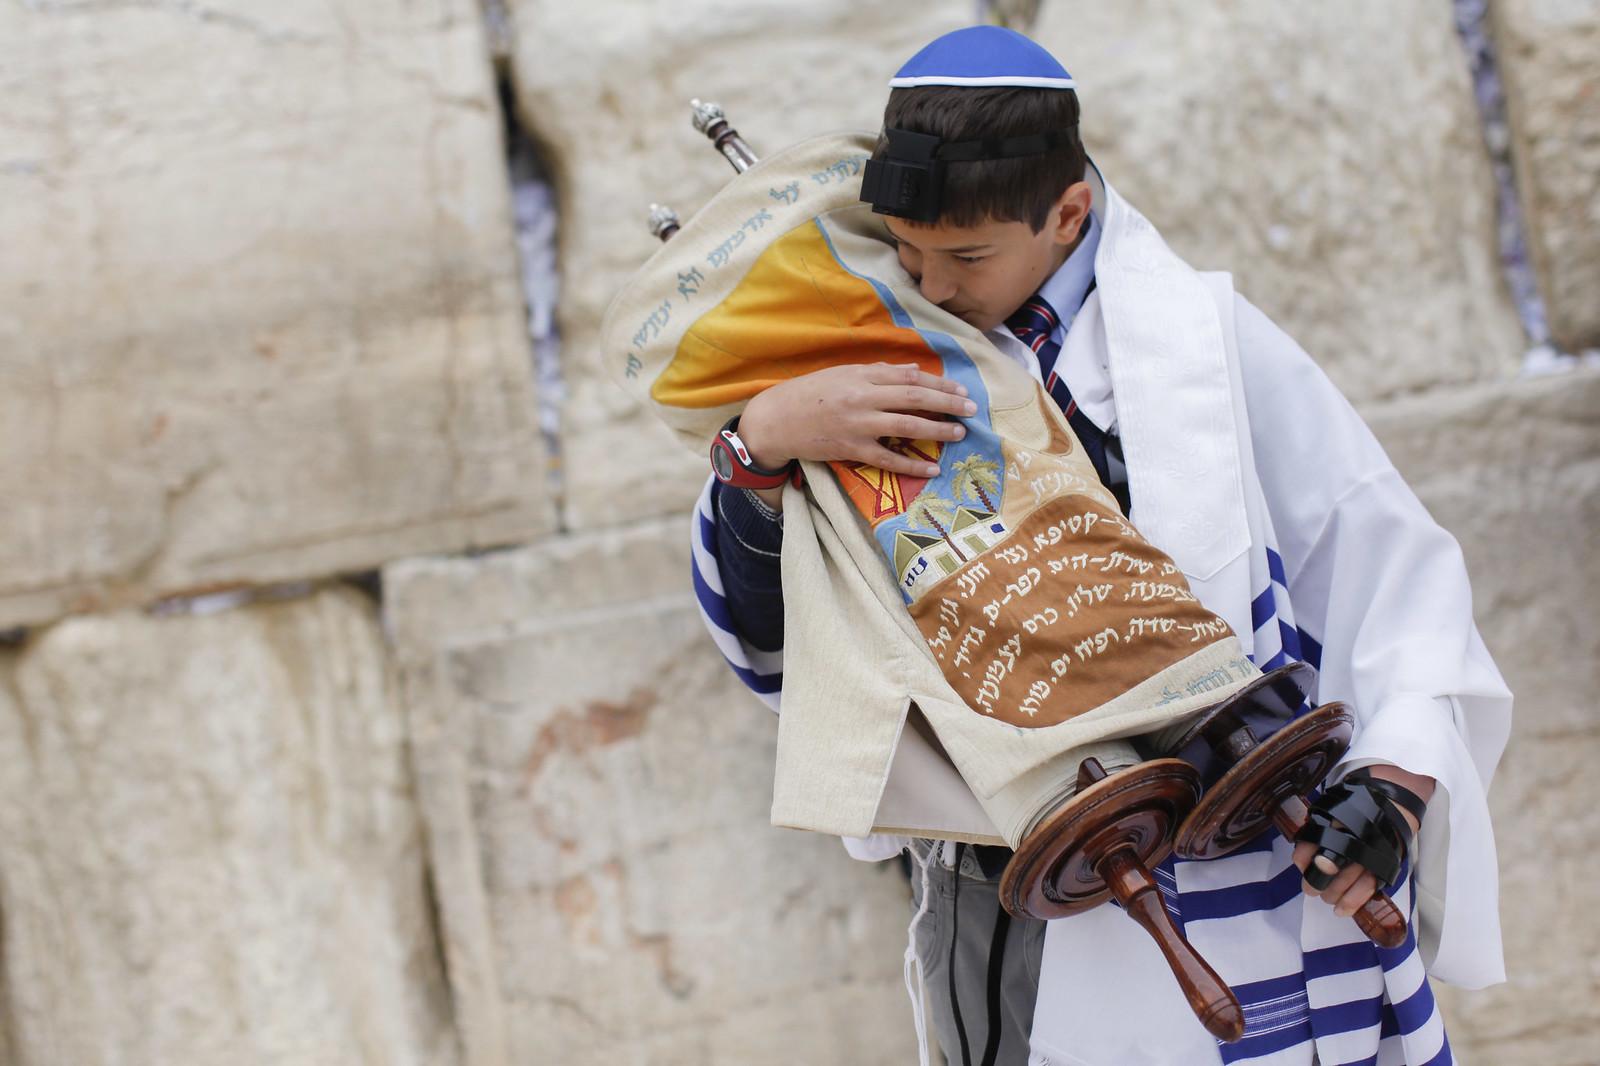 Bar Mitzvah 16_Jerusalem_9734_Yonatan Sindel_Falsh 90_IMOT